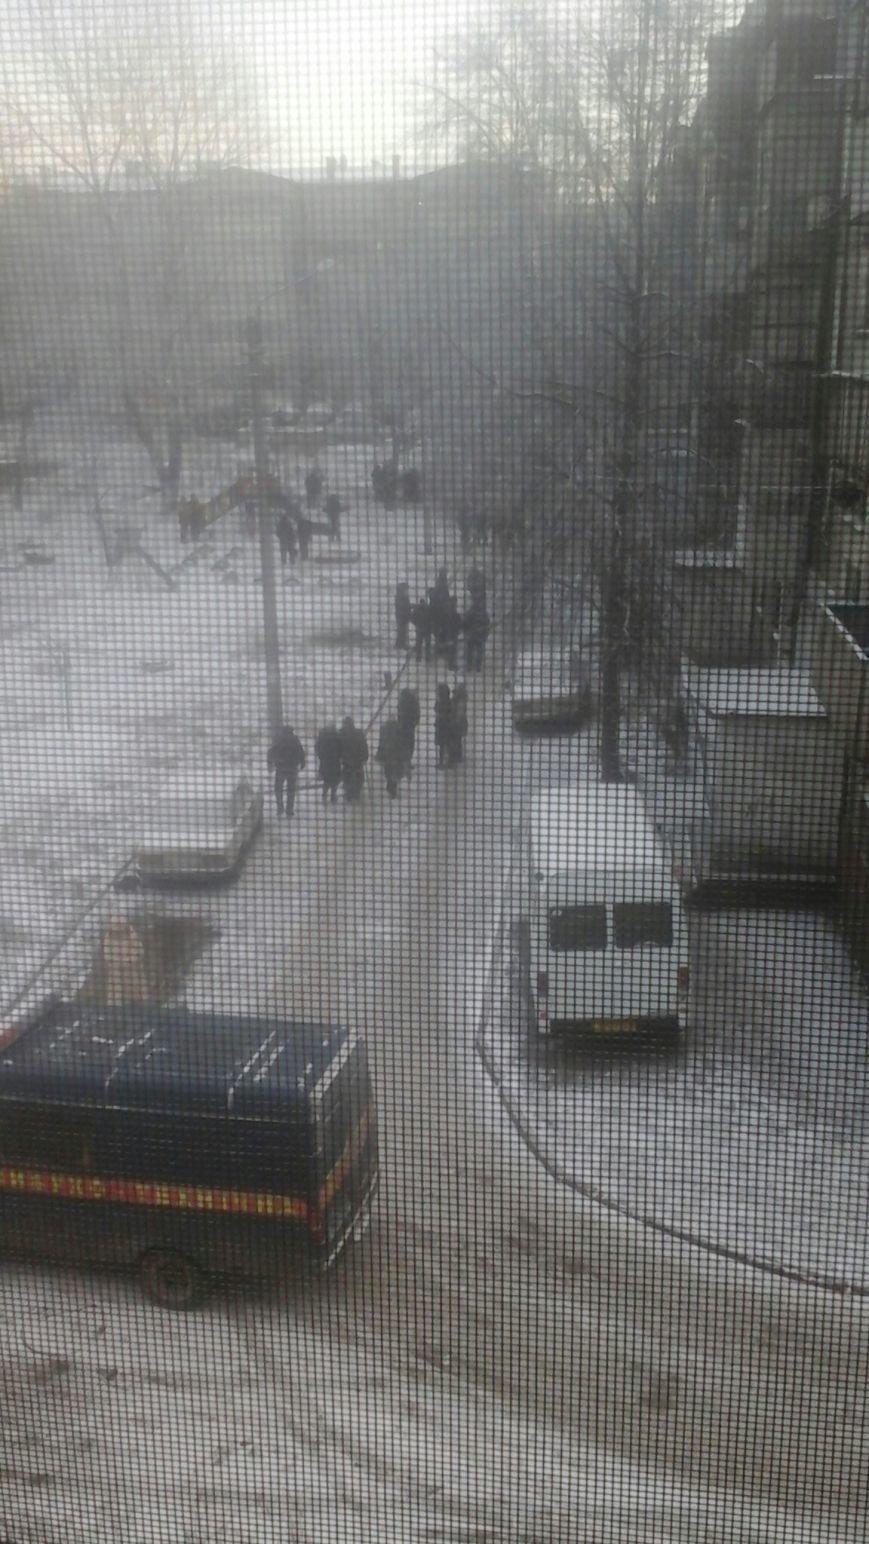 В Днепродзержинске заминировали жилой дом (Дополнено) (фото) - фото 1